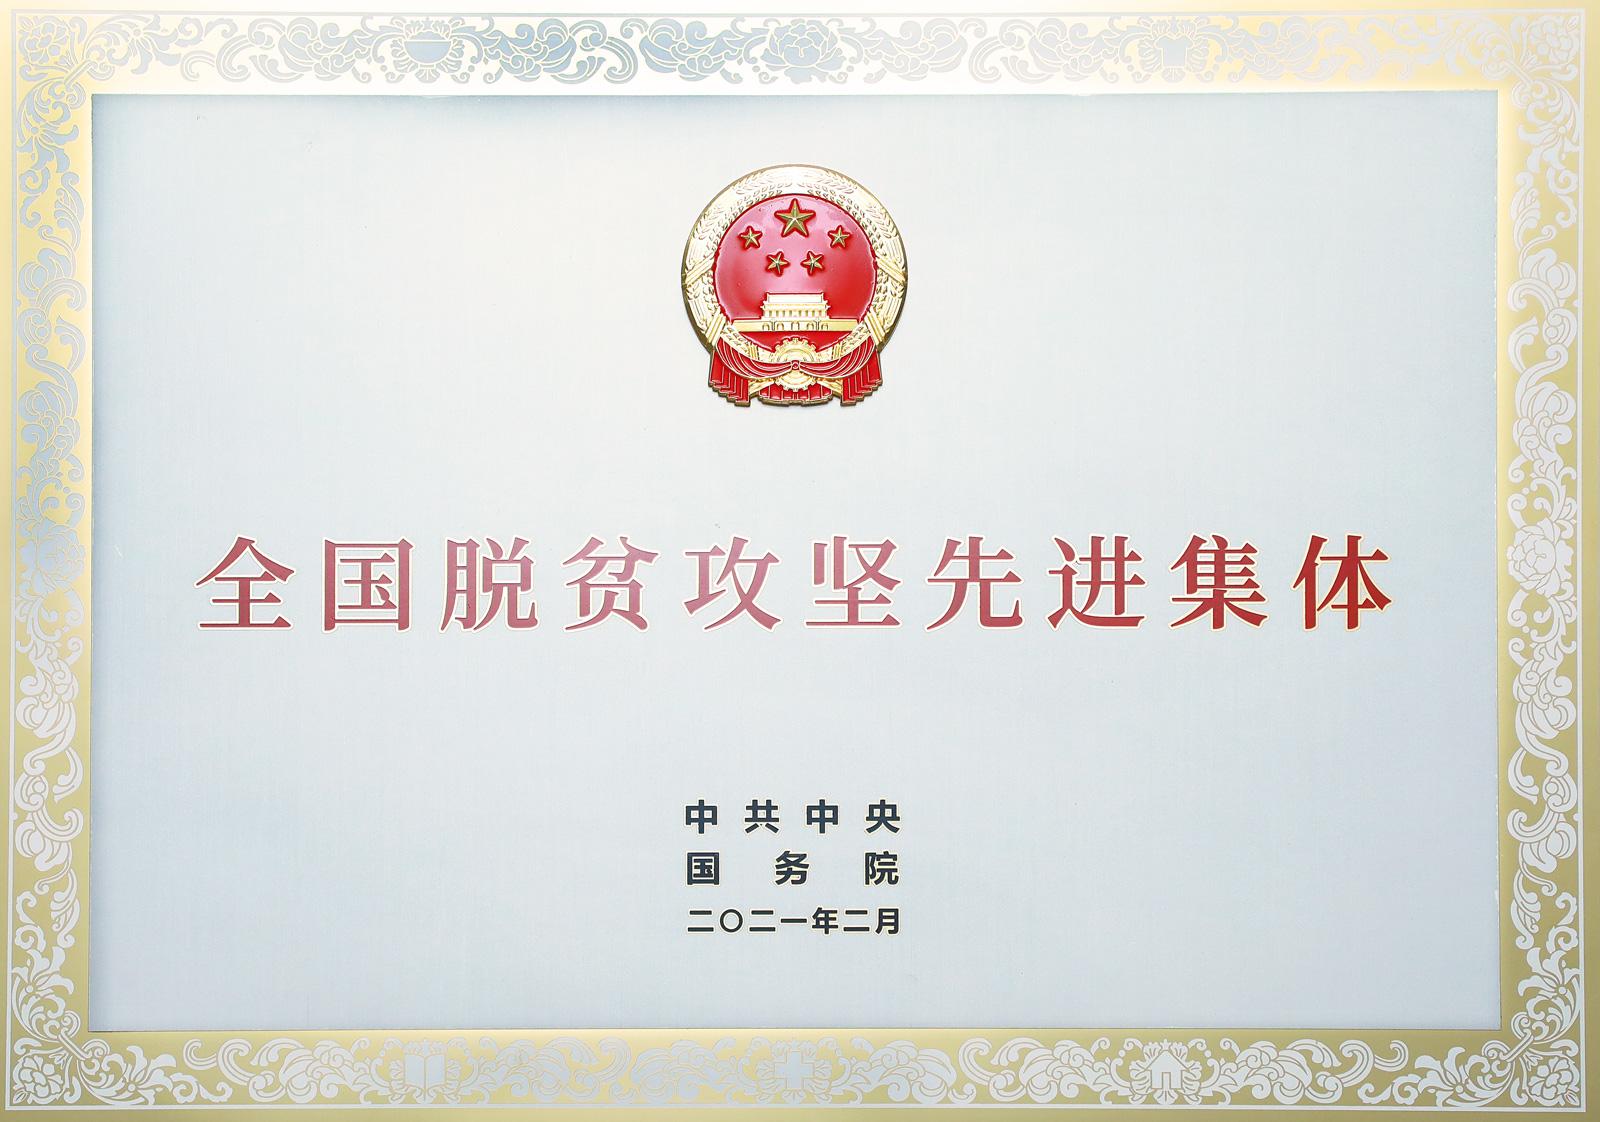 这份荣誉,属于了不起的清华人